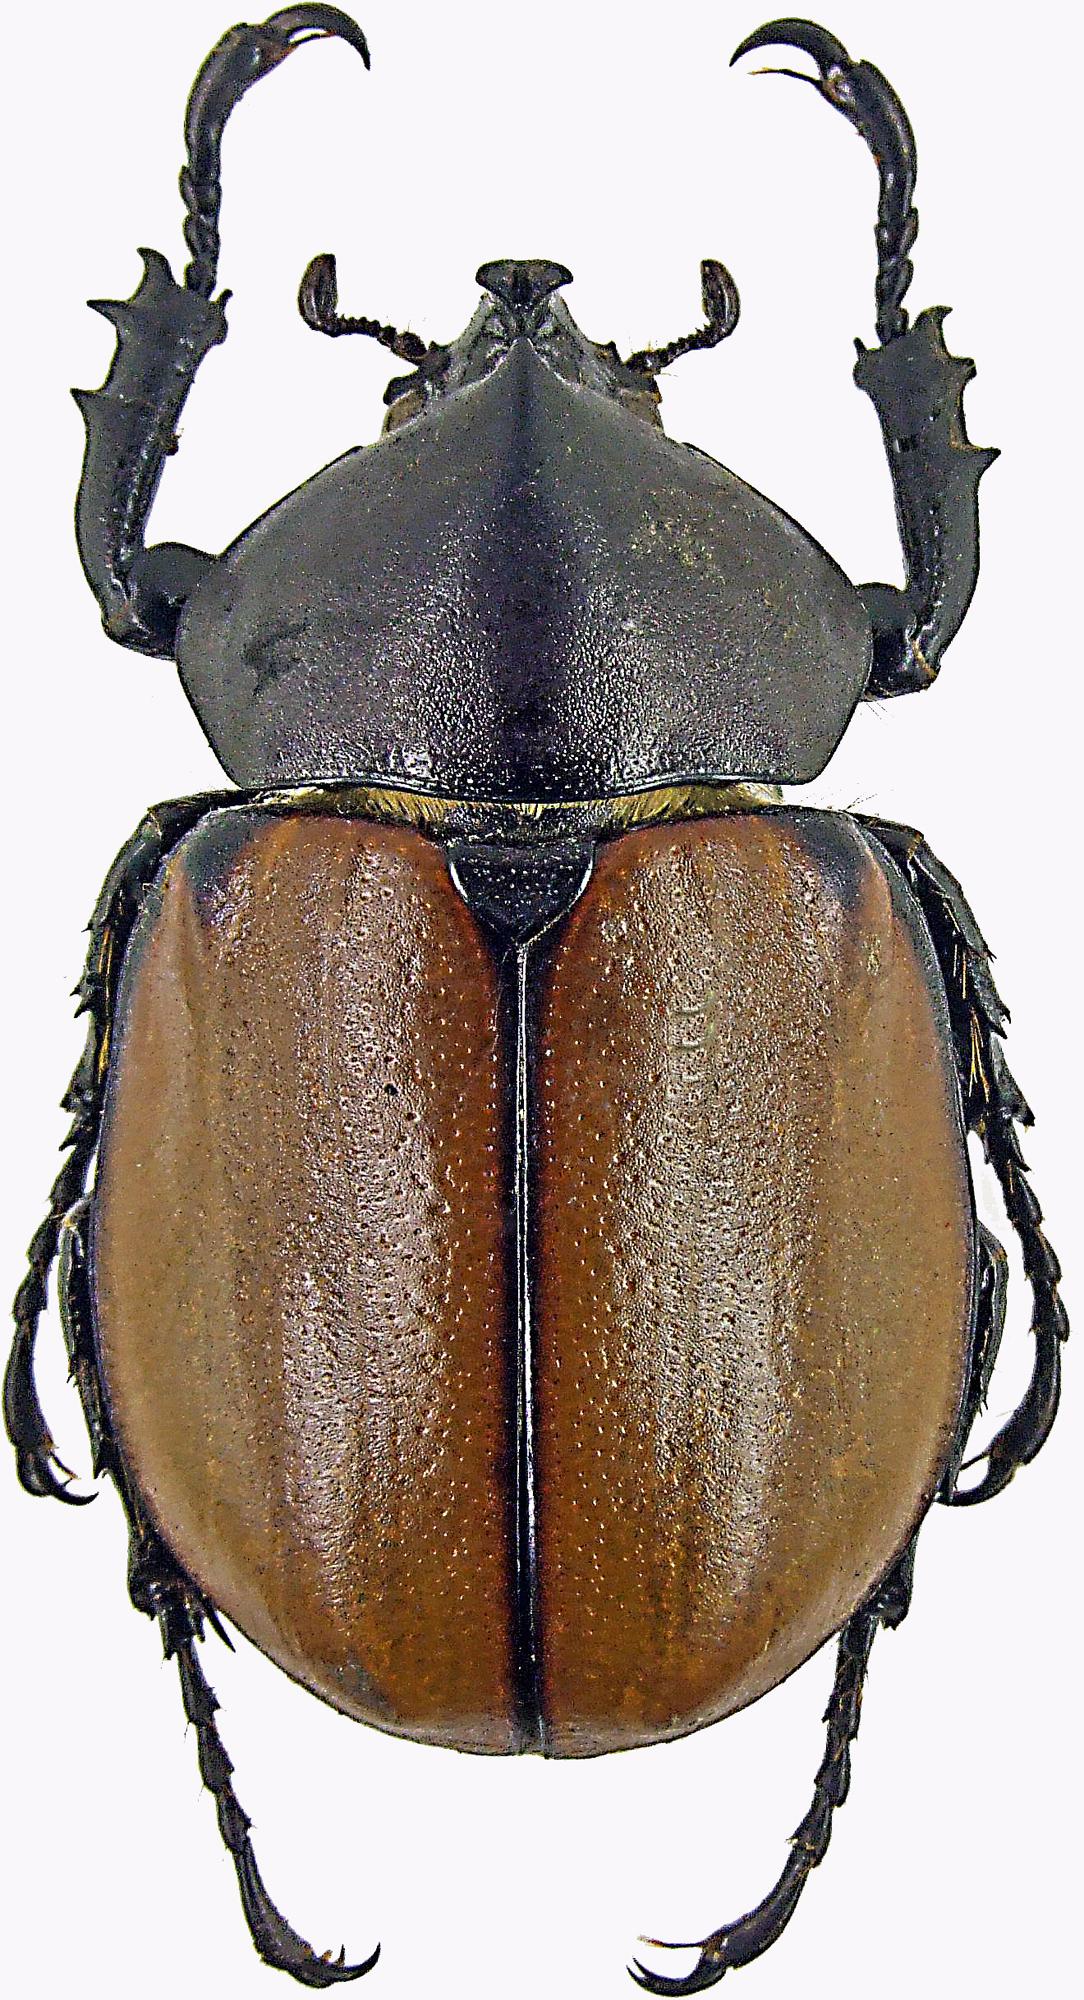 Mitracephala humboldti 1635 .jpg